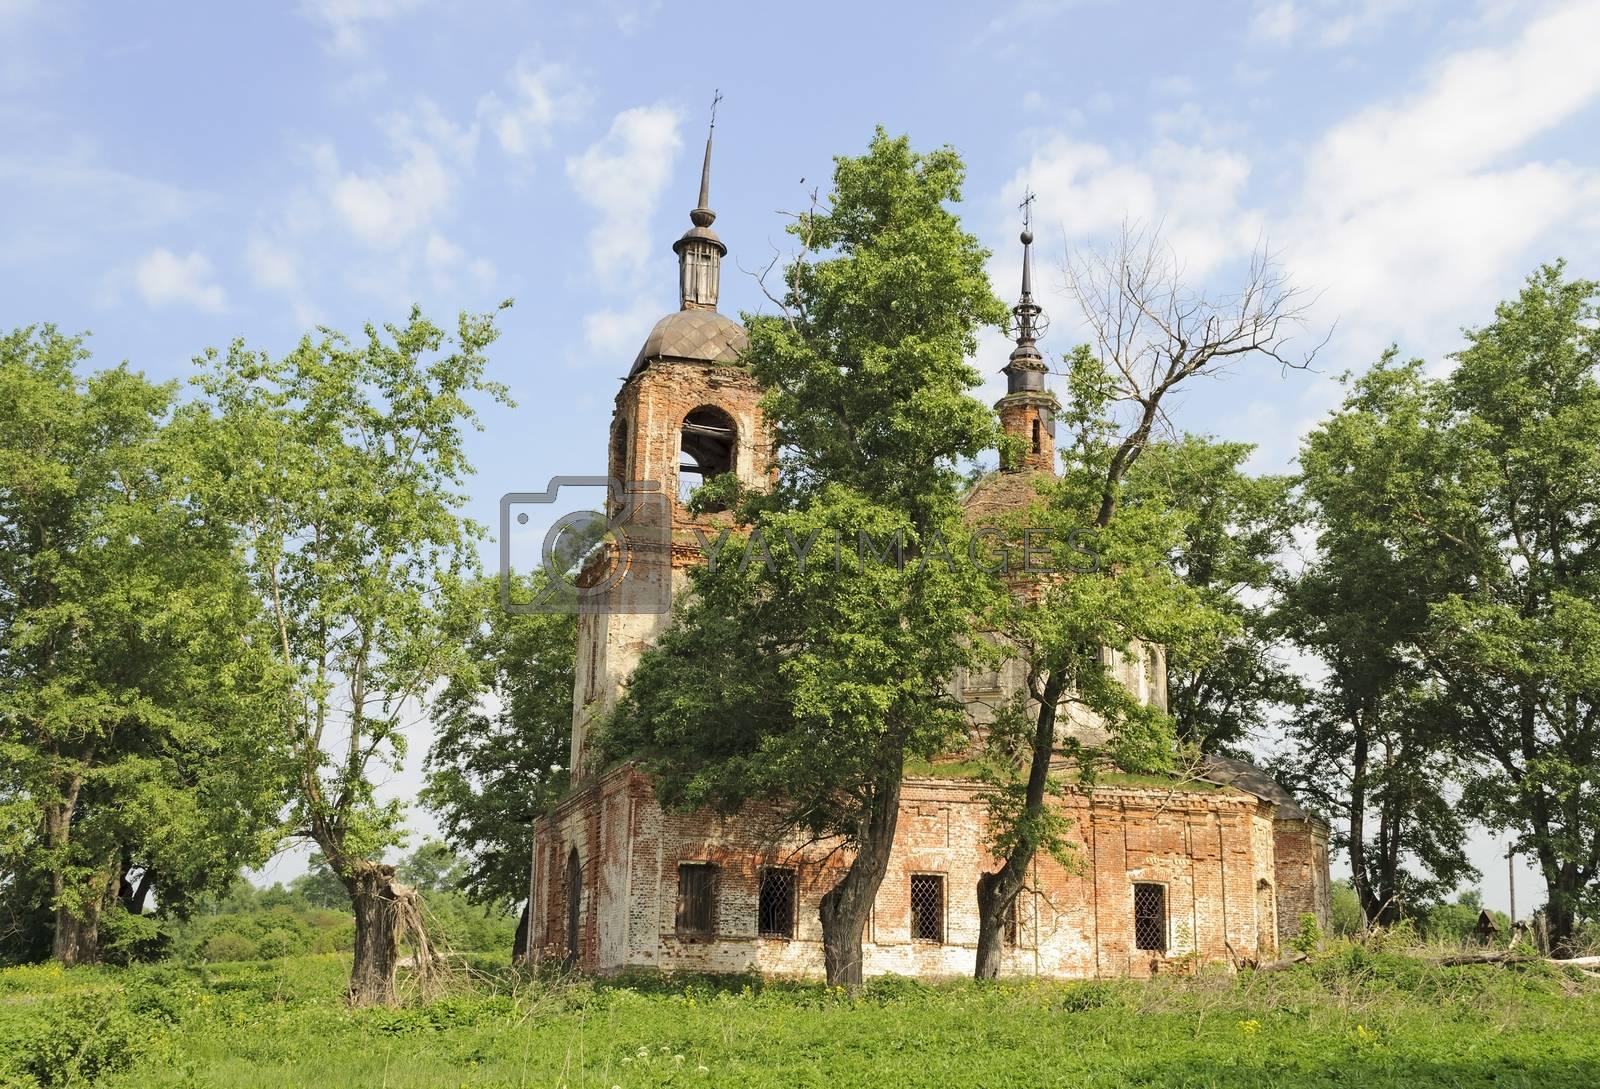 Destroyed Orthodox Church in Spasskoe village, Vladimir region, Russia